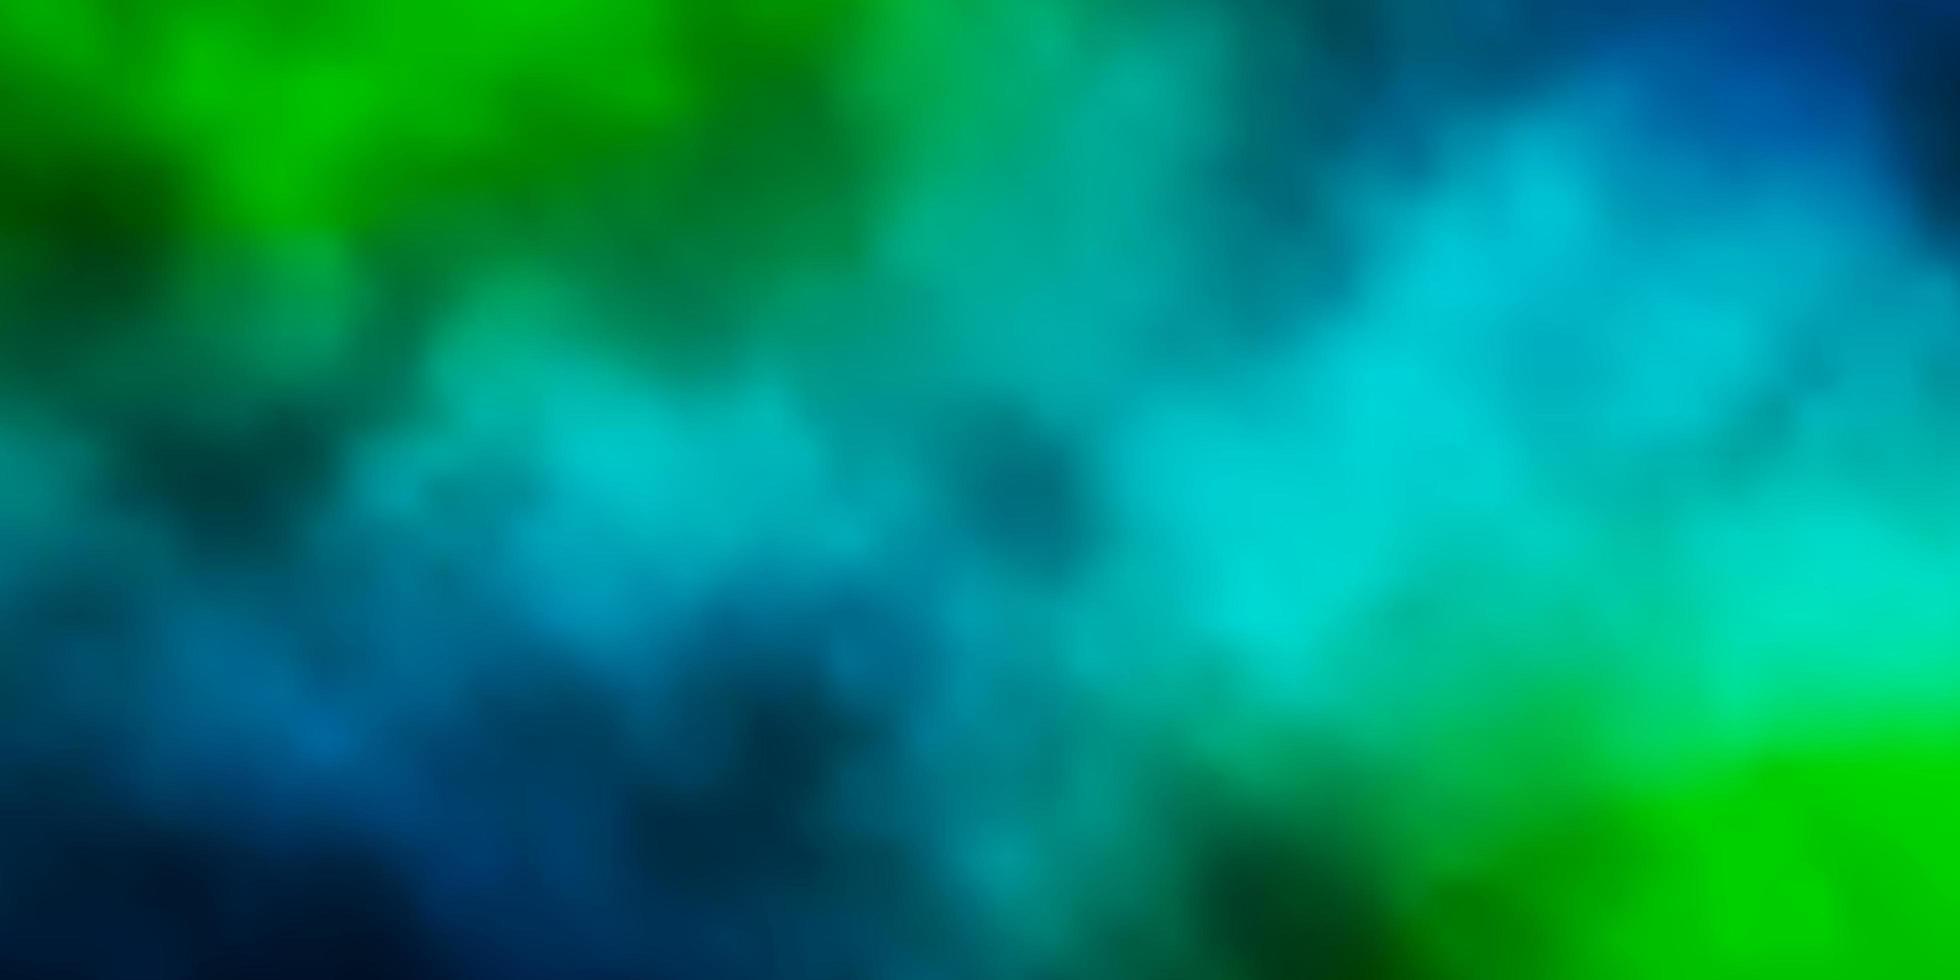 blu scuro, layout verde con annuvolato. vettore